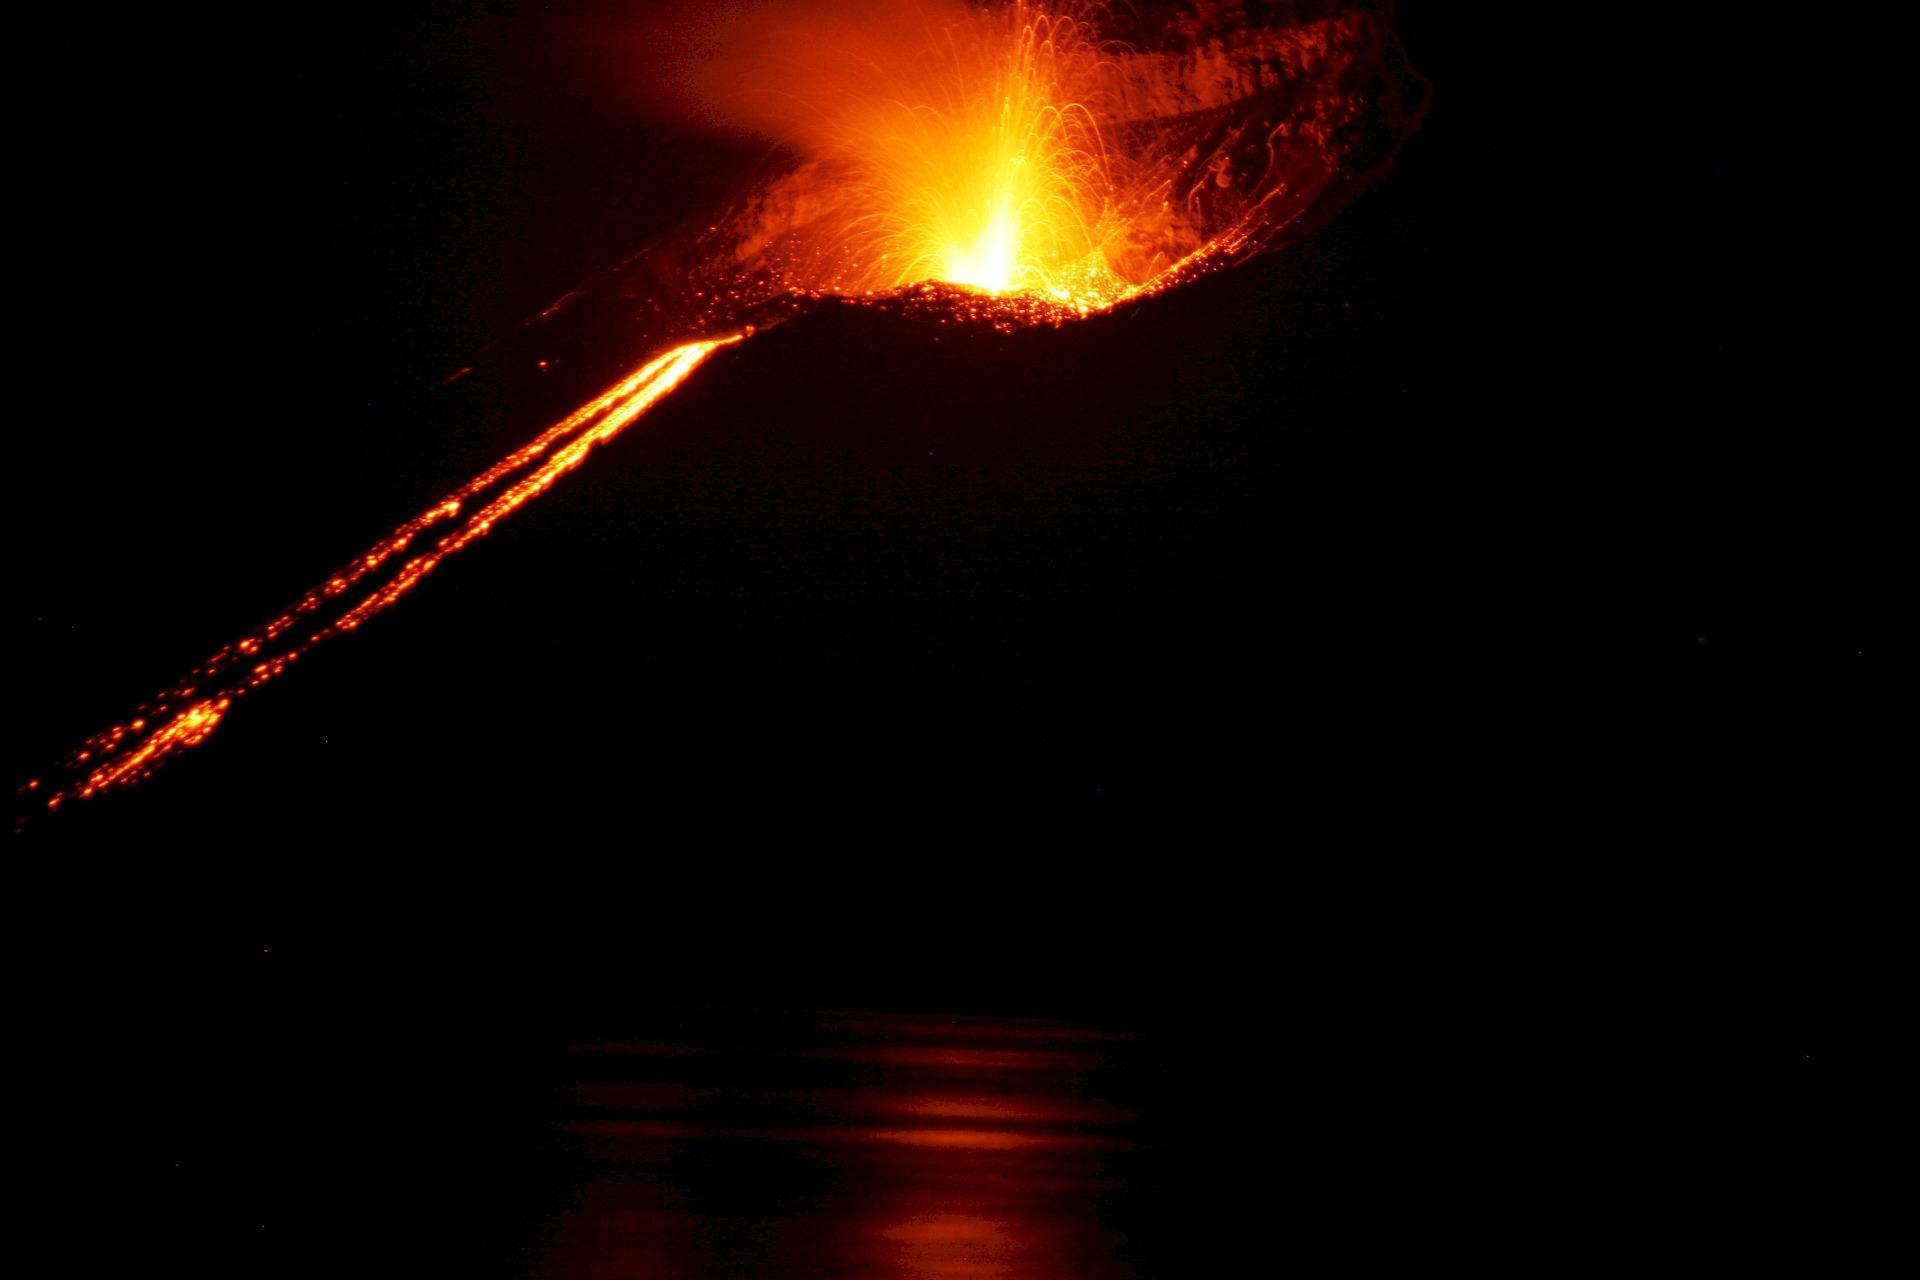 Hintergründe: Das Feuer der Erde